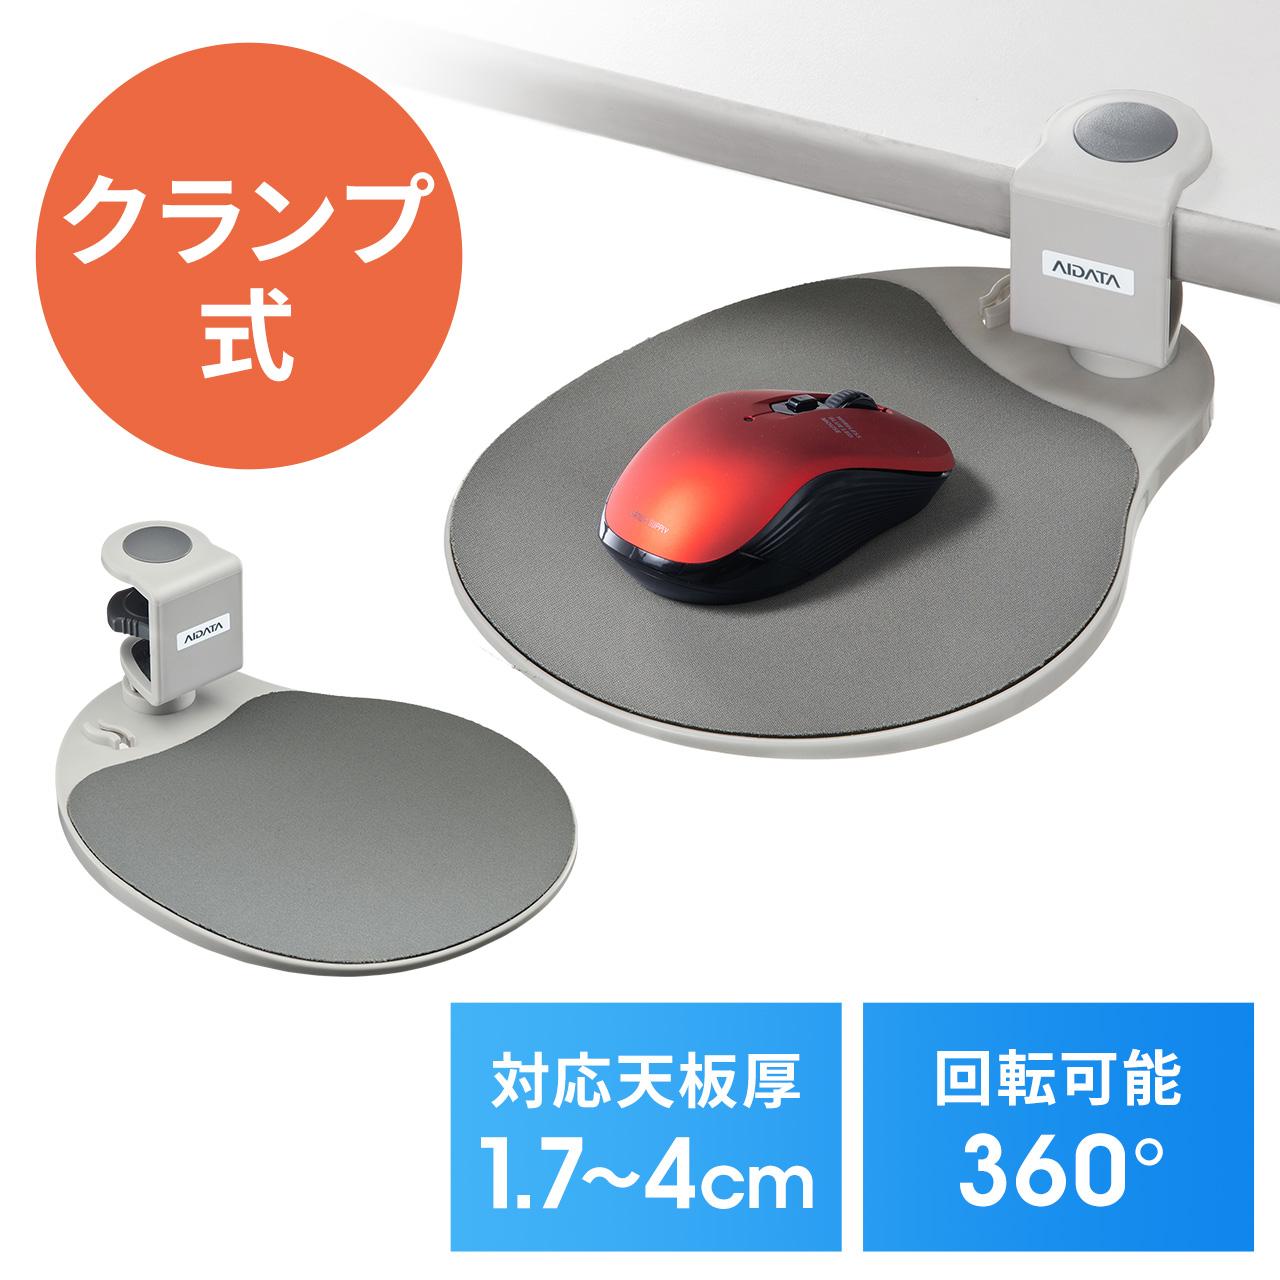 マウステーブル(360度回転・クランプ式・ポリエチレン布マウスパッド・ライトグレー) サンワダイレクト サンワサプライ 200-MPD003W